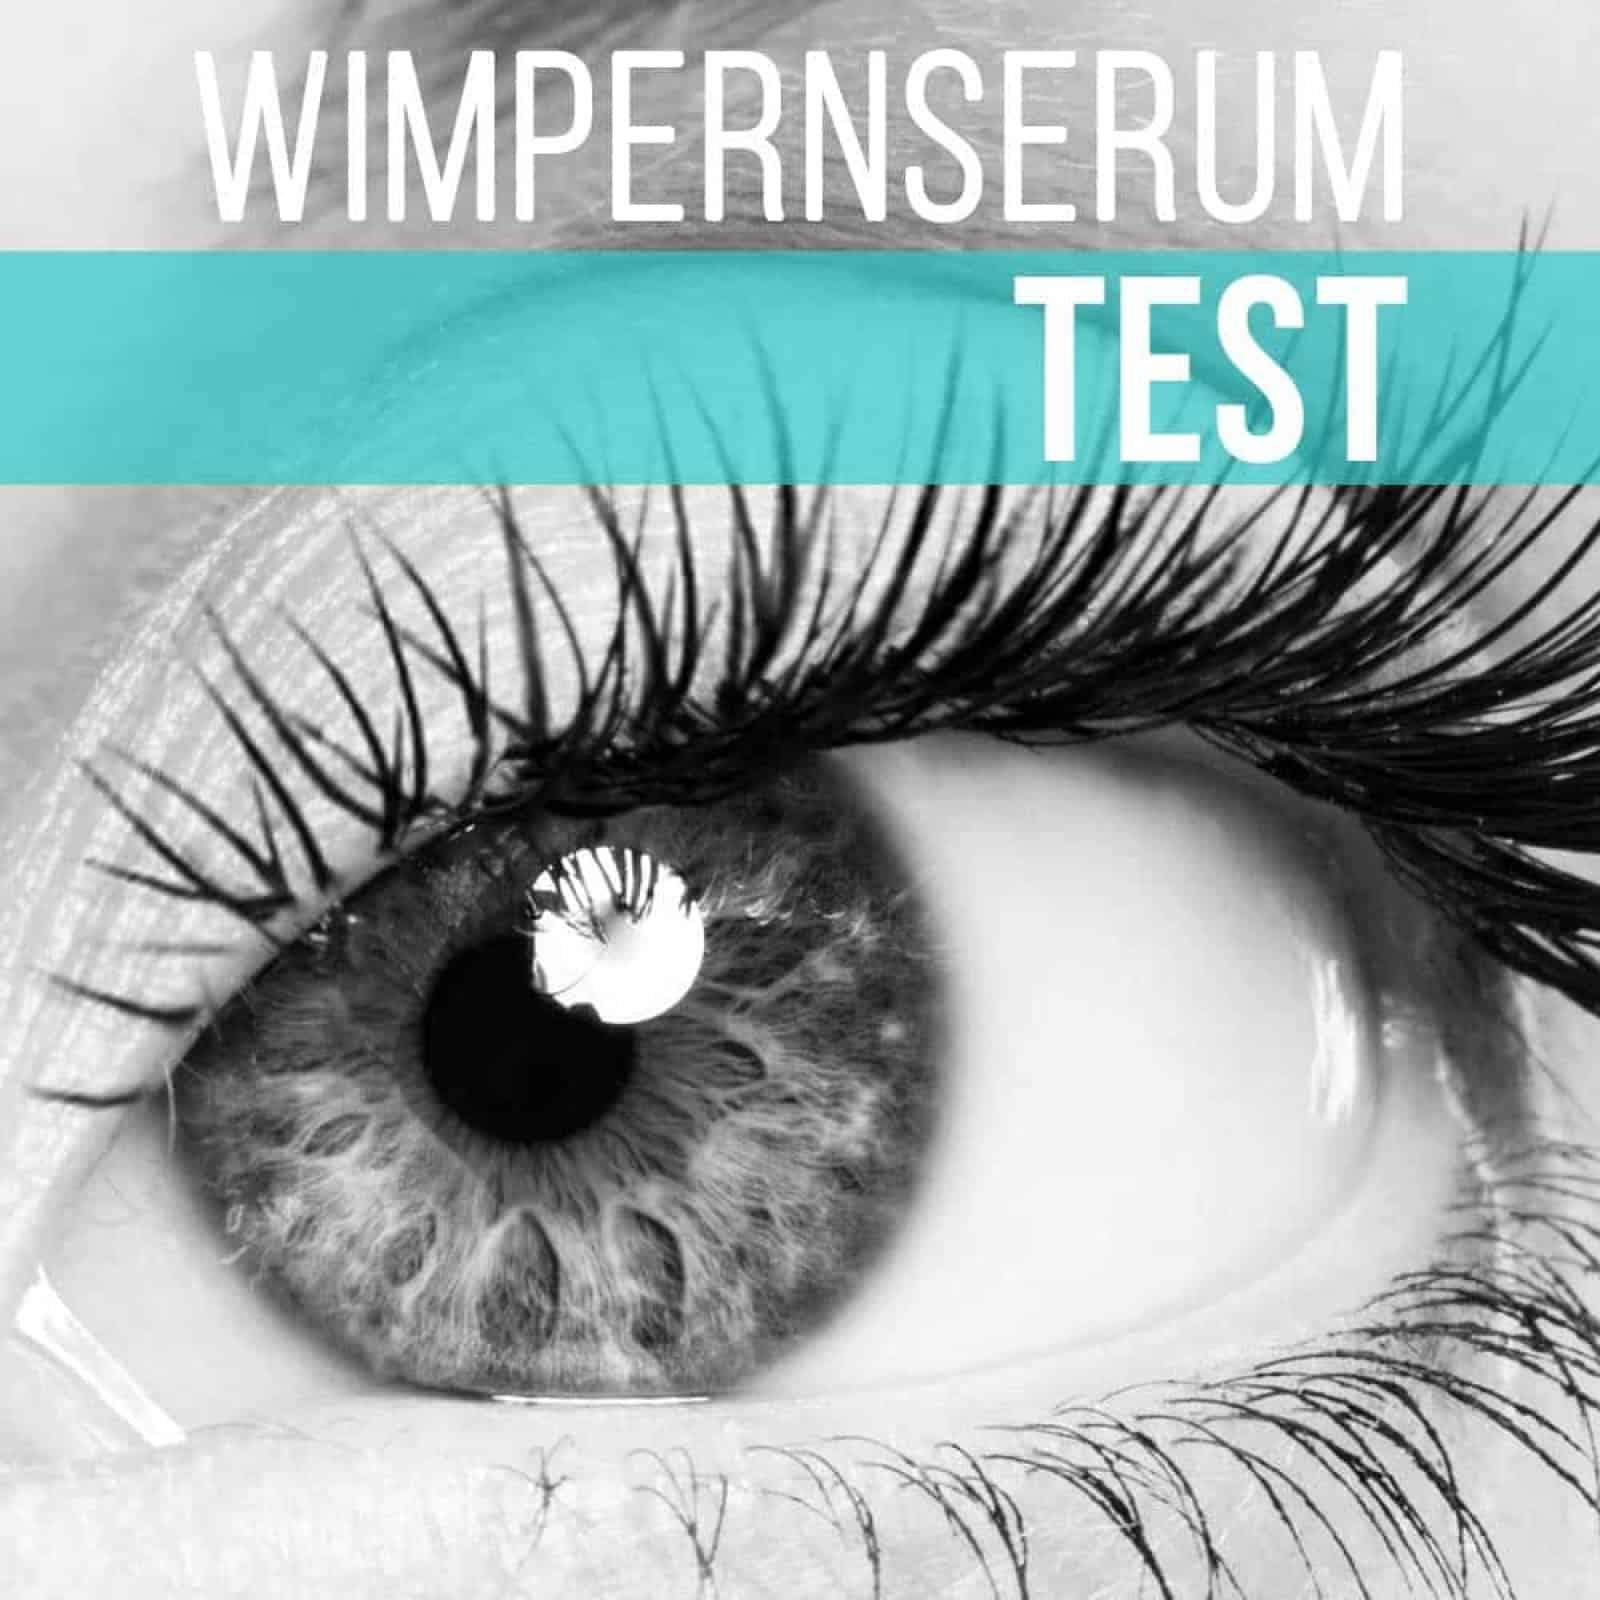 Wimpernserum Test 2019 bestes Wimpernserum